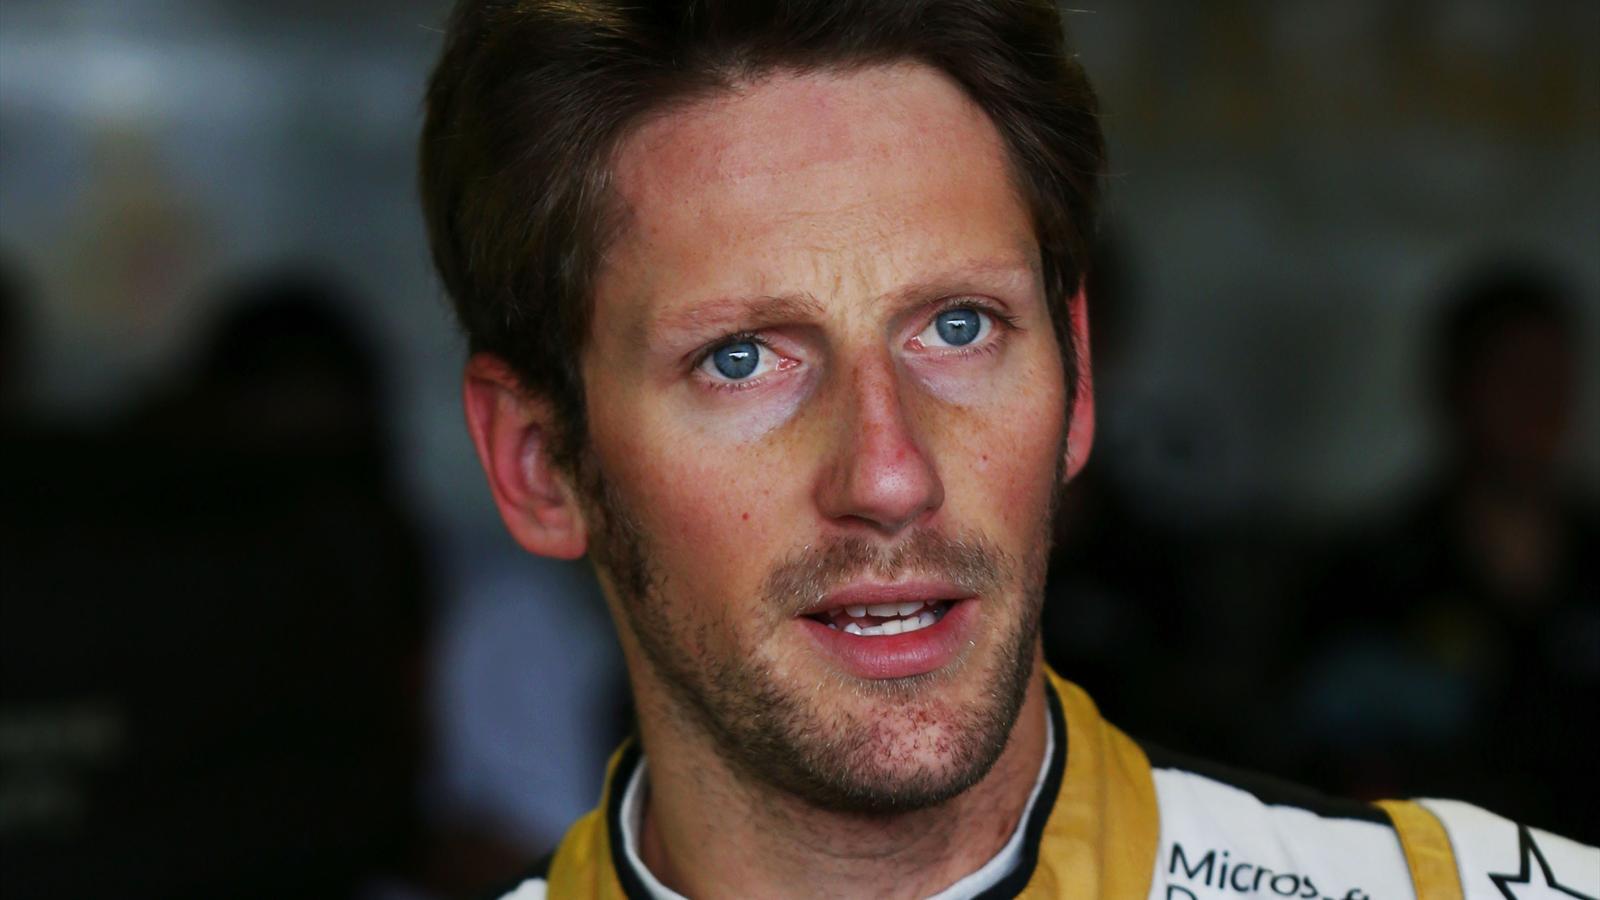 Spécial Sebastian Vettel (Formule un) - Page 19 1571646-33430302-1600-900